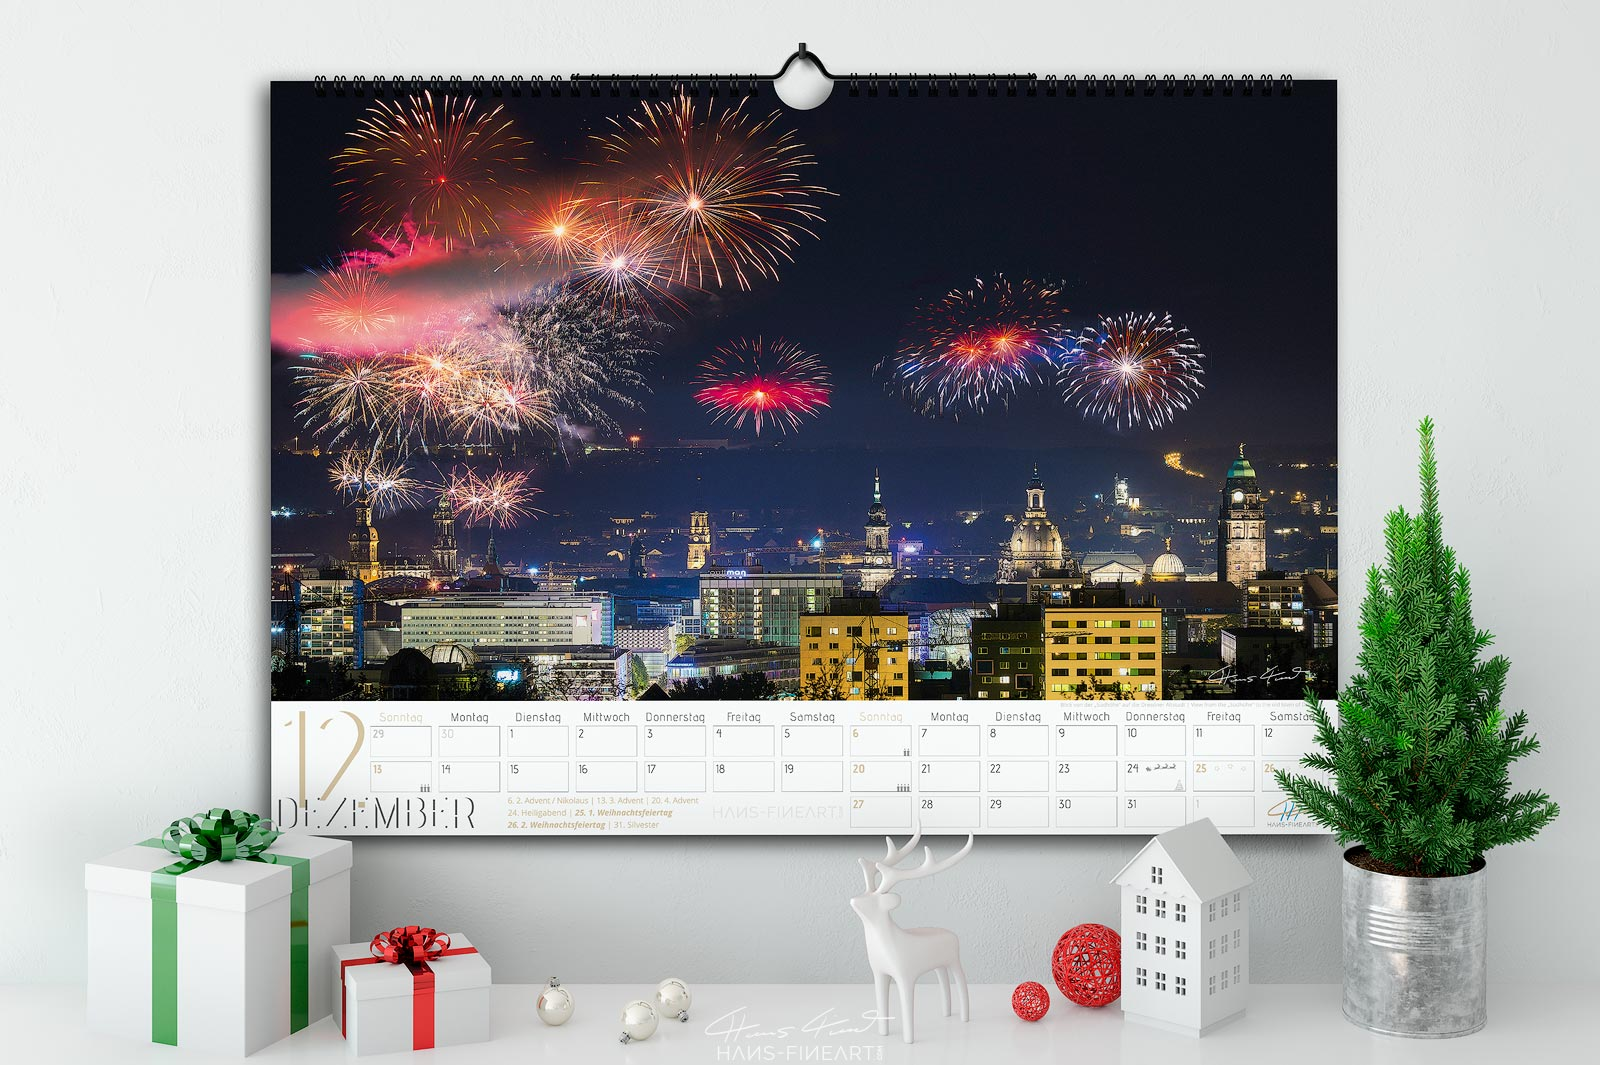 Monatsbild Dezember vom Wandkalender Dresden Im Wandel der Jahreszeiten 2020. Blick auf Dresden mit Höhenfeuerwerk